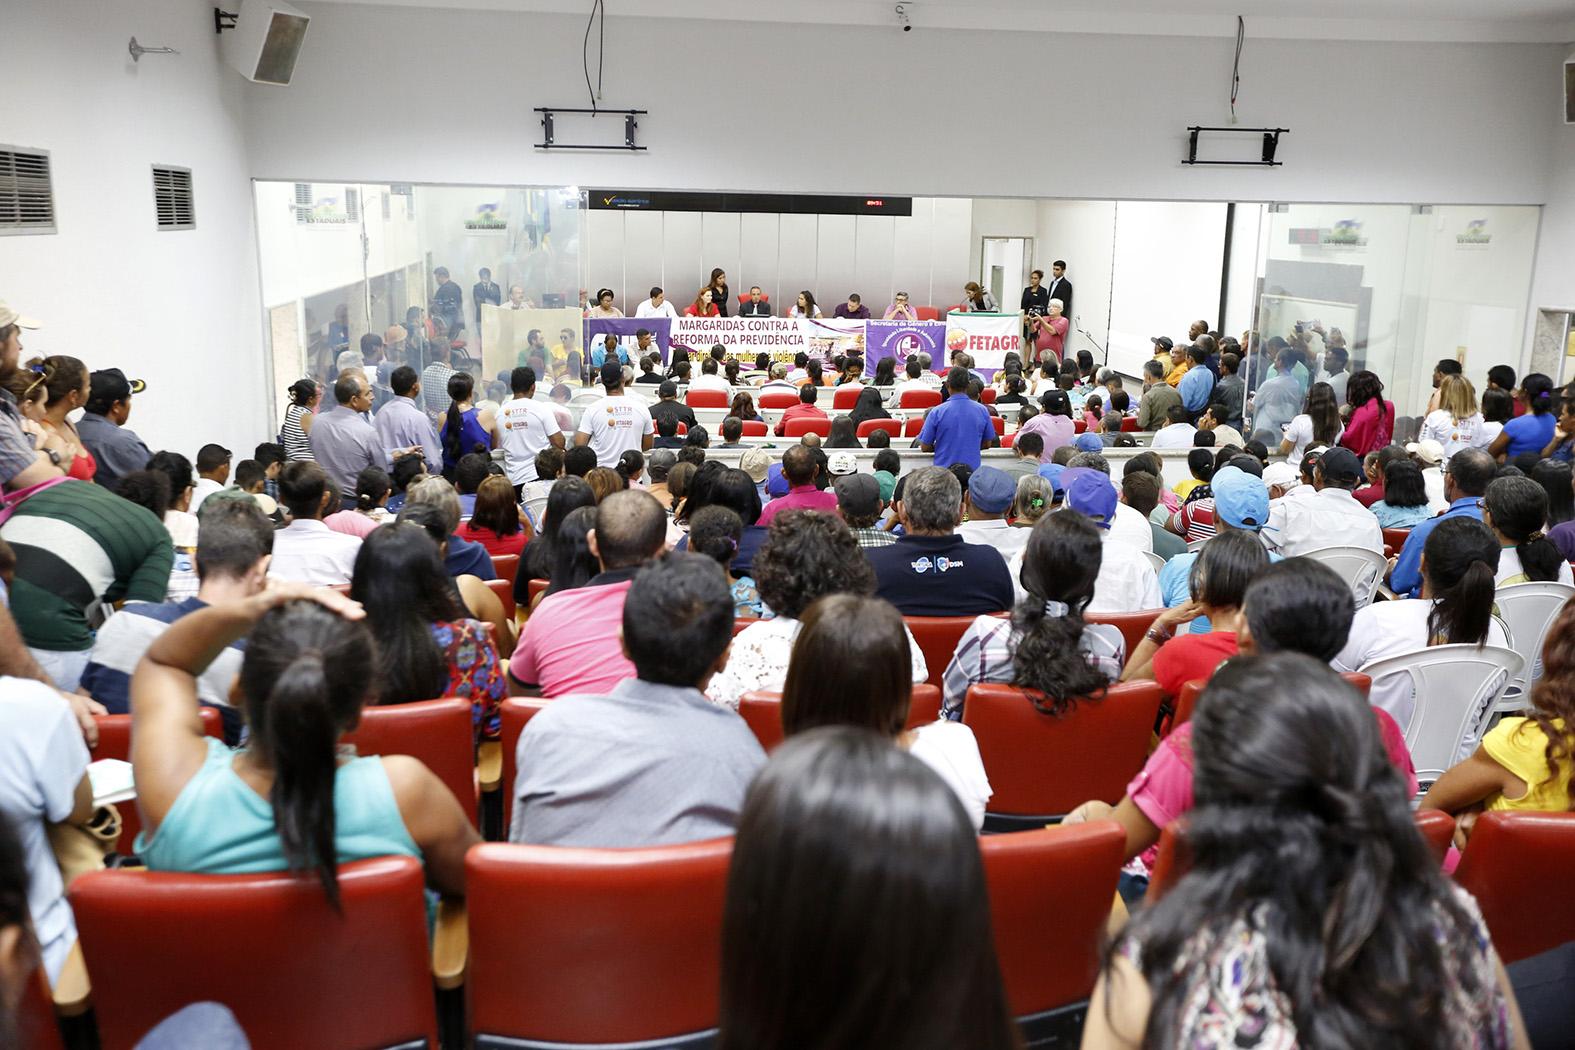 audiencia-publica-debate-as-propostas-de-reforma-da-previdencia.jpg